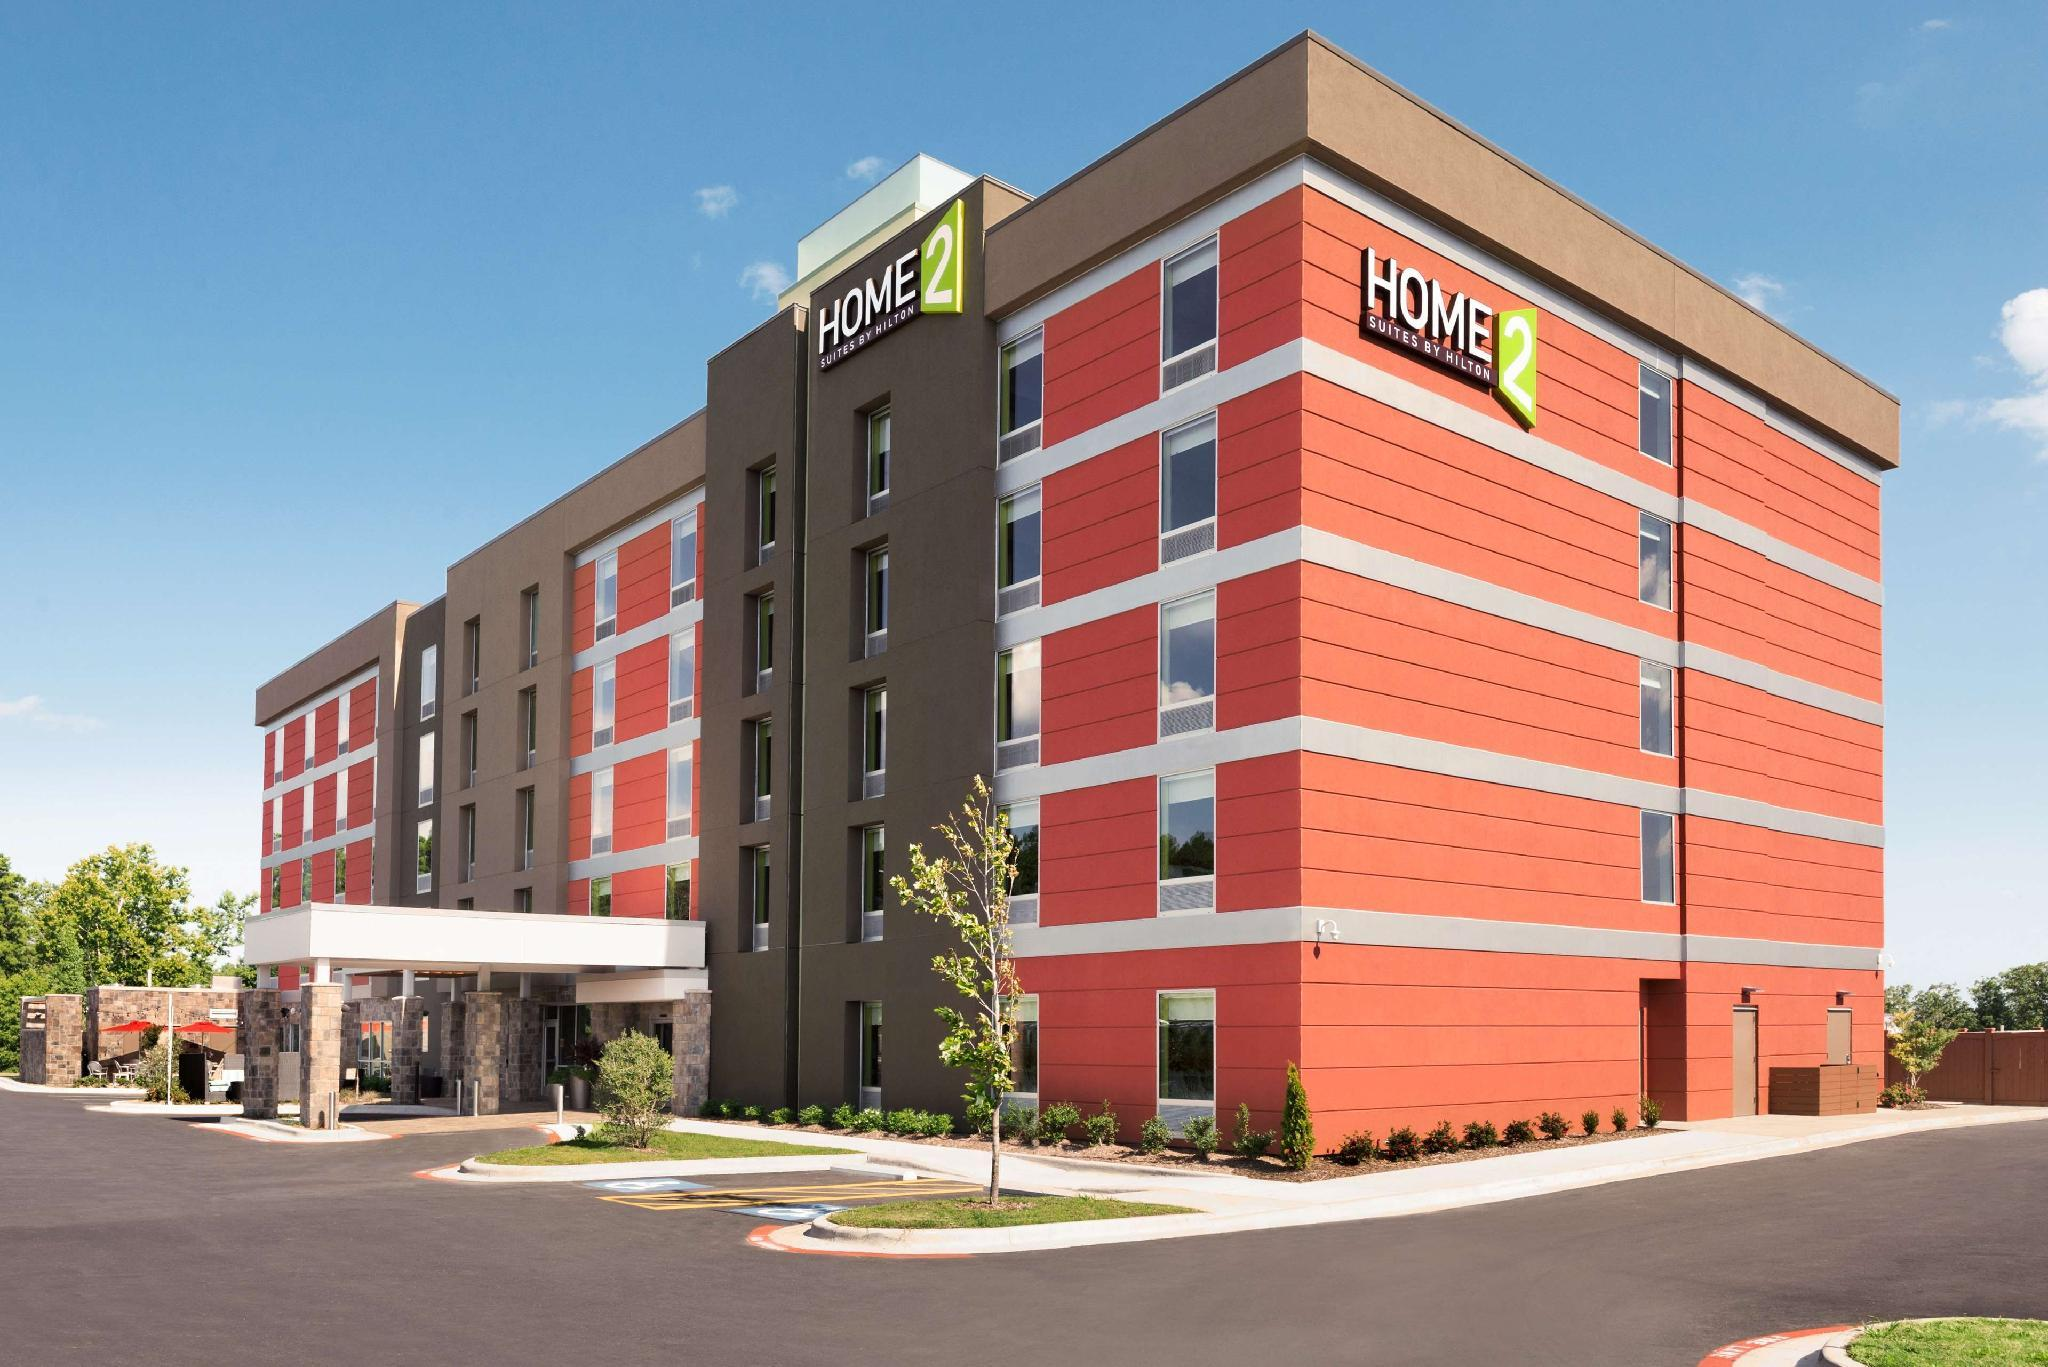 Home2 Suites By Hilton Little Rock West